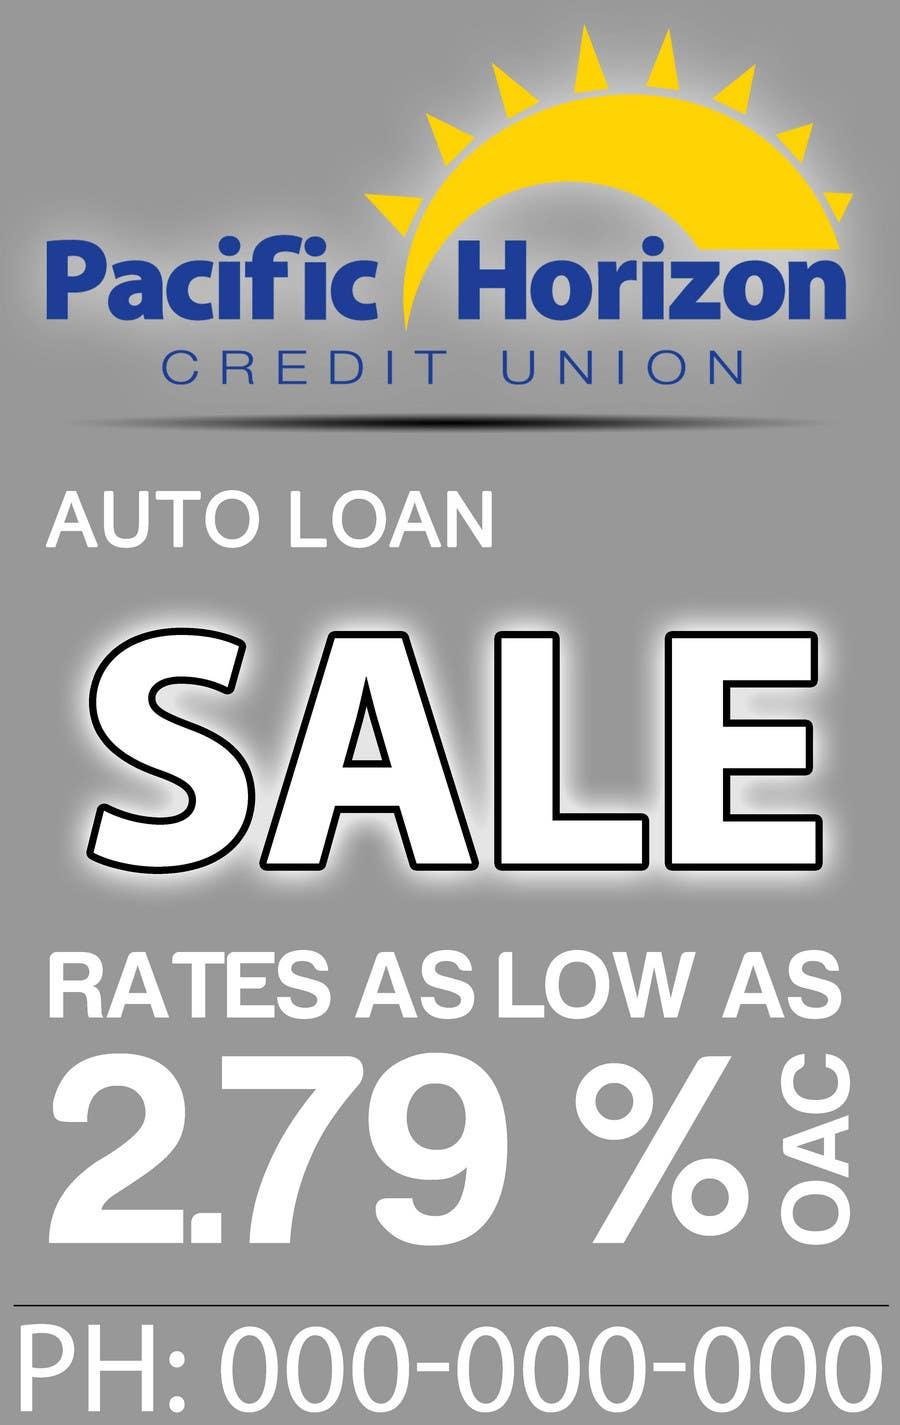 Inscrição nº 30 do Concurso para Graphic Design for Credit Union Auto Loan Sale